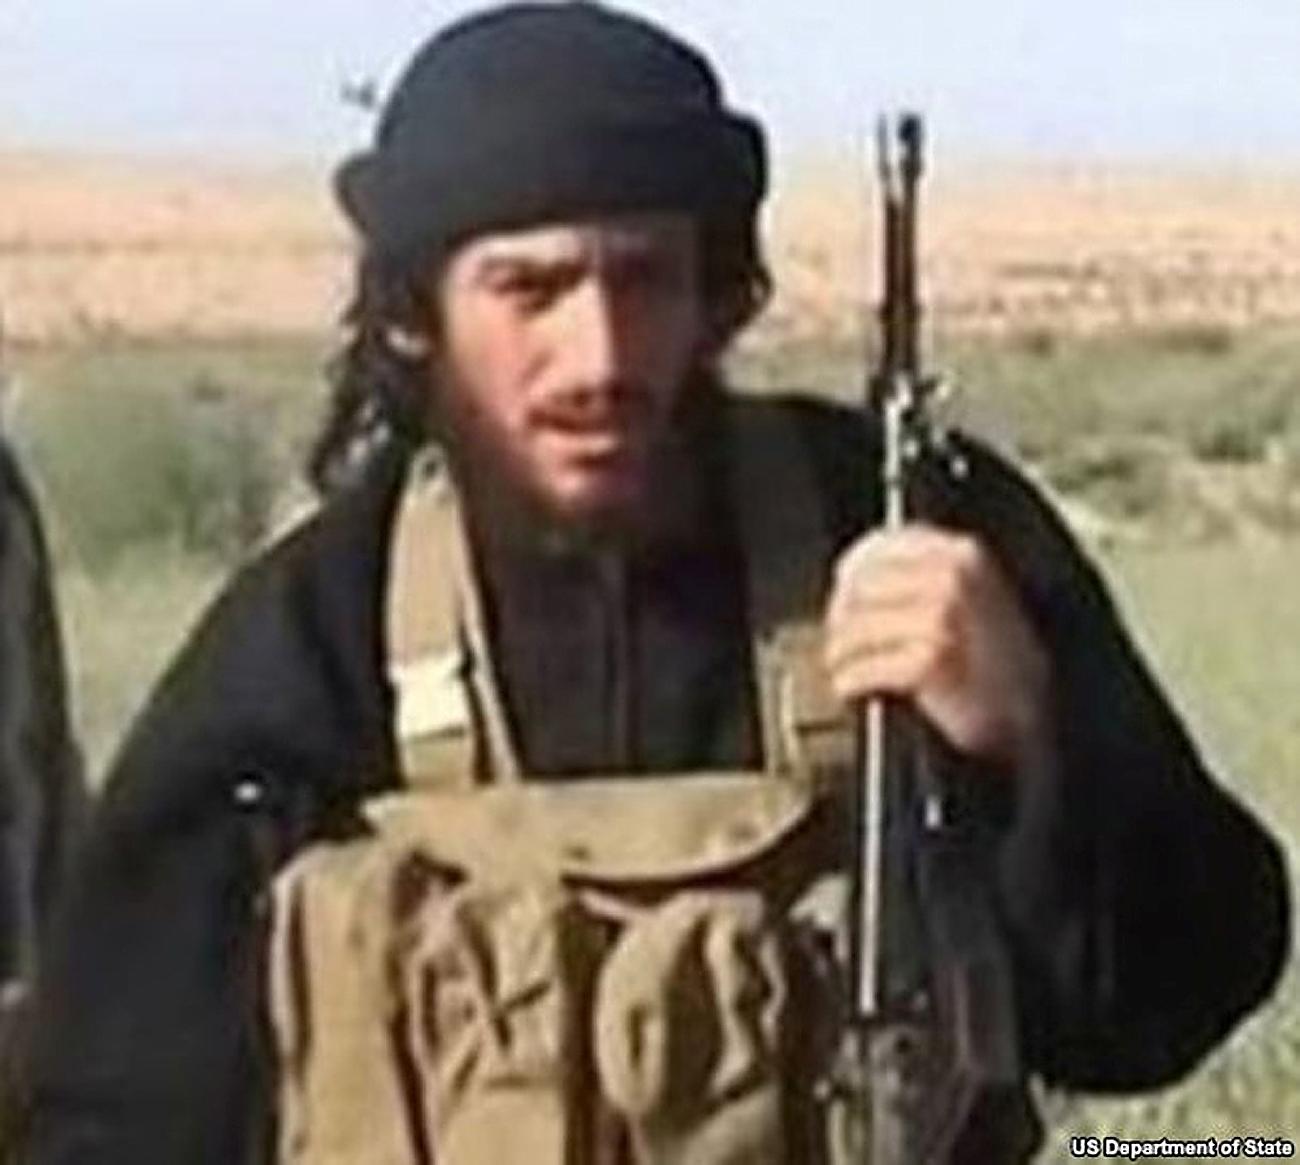 Abu Mohammed al-Adnani dianggap sebagai 'Orang Nomor Dua' dalam organisasi teroris ISIS, setelah pemimpin ISIS Abu Bakr al-Baghdadi.